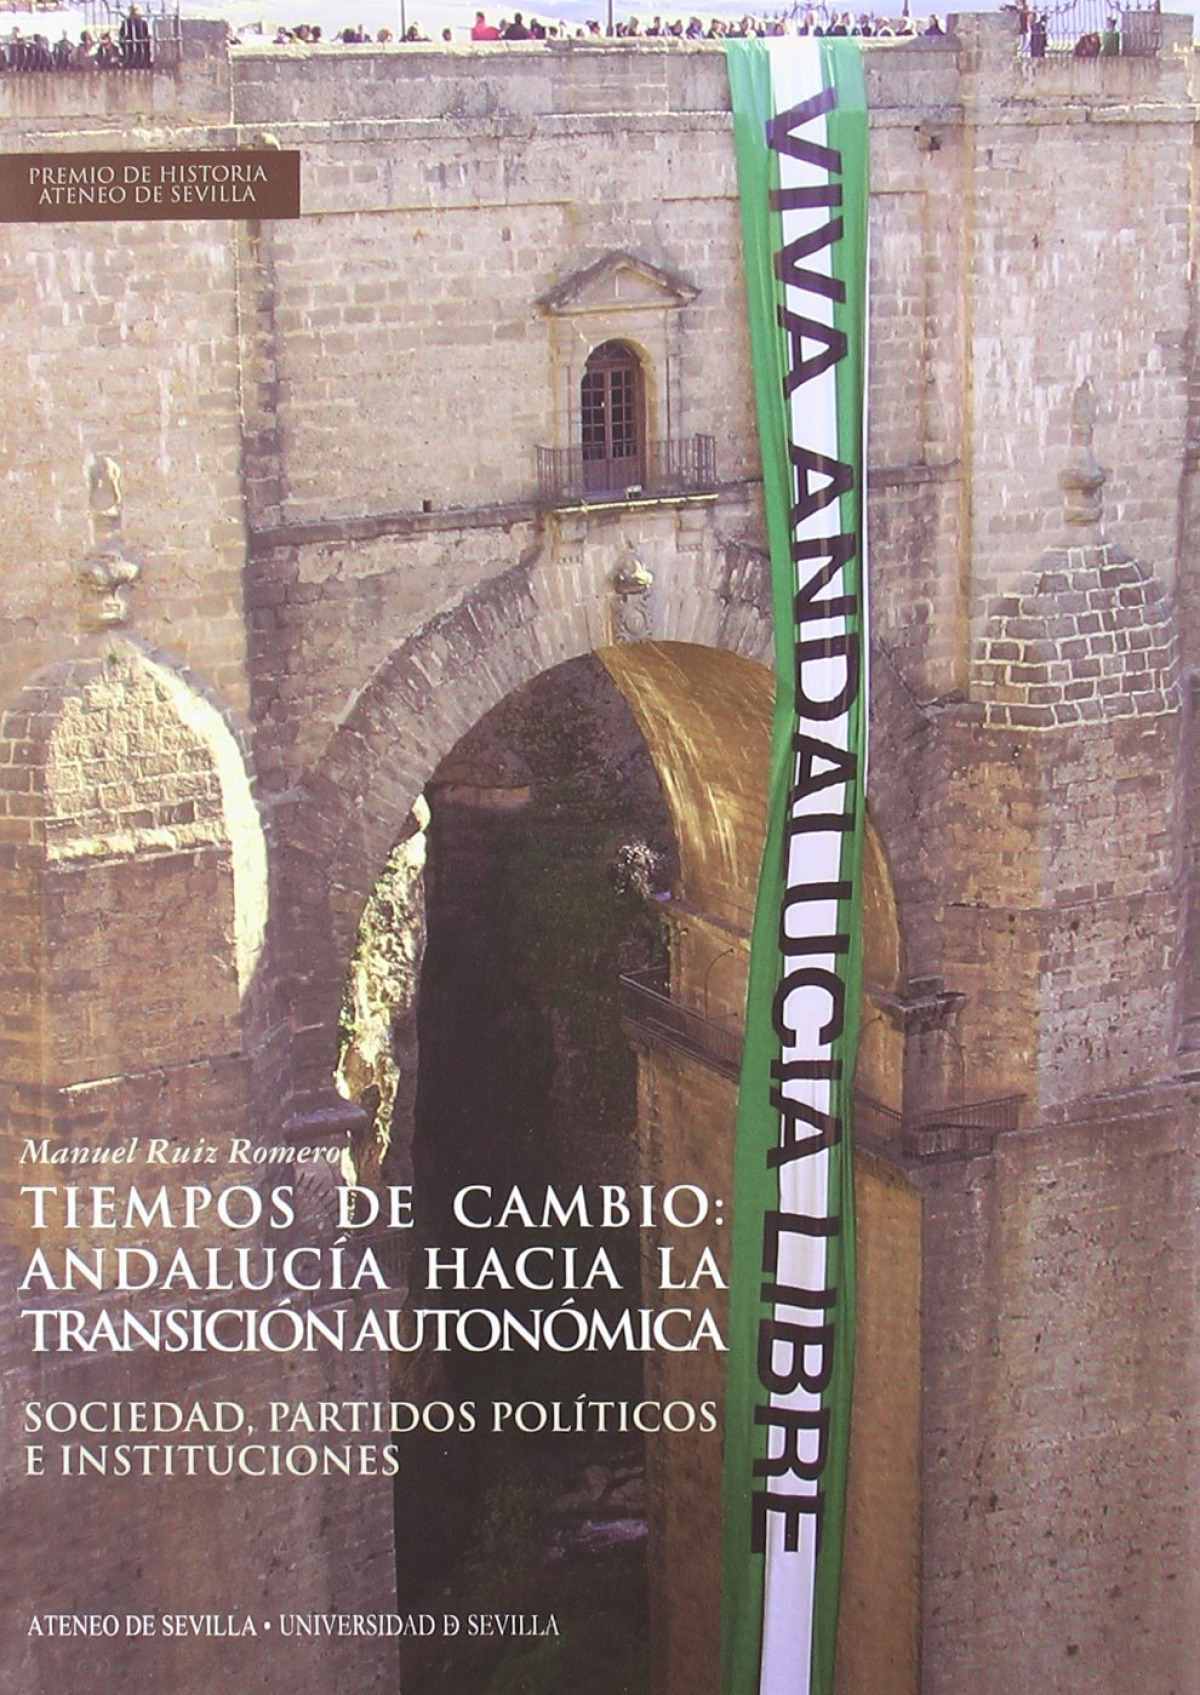 Tiempos de cambio: andalucia hacia la transicion autonomica. - Ruiz Romero, Manuel